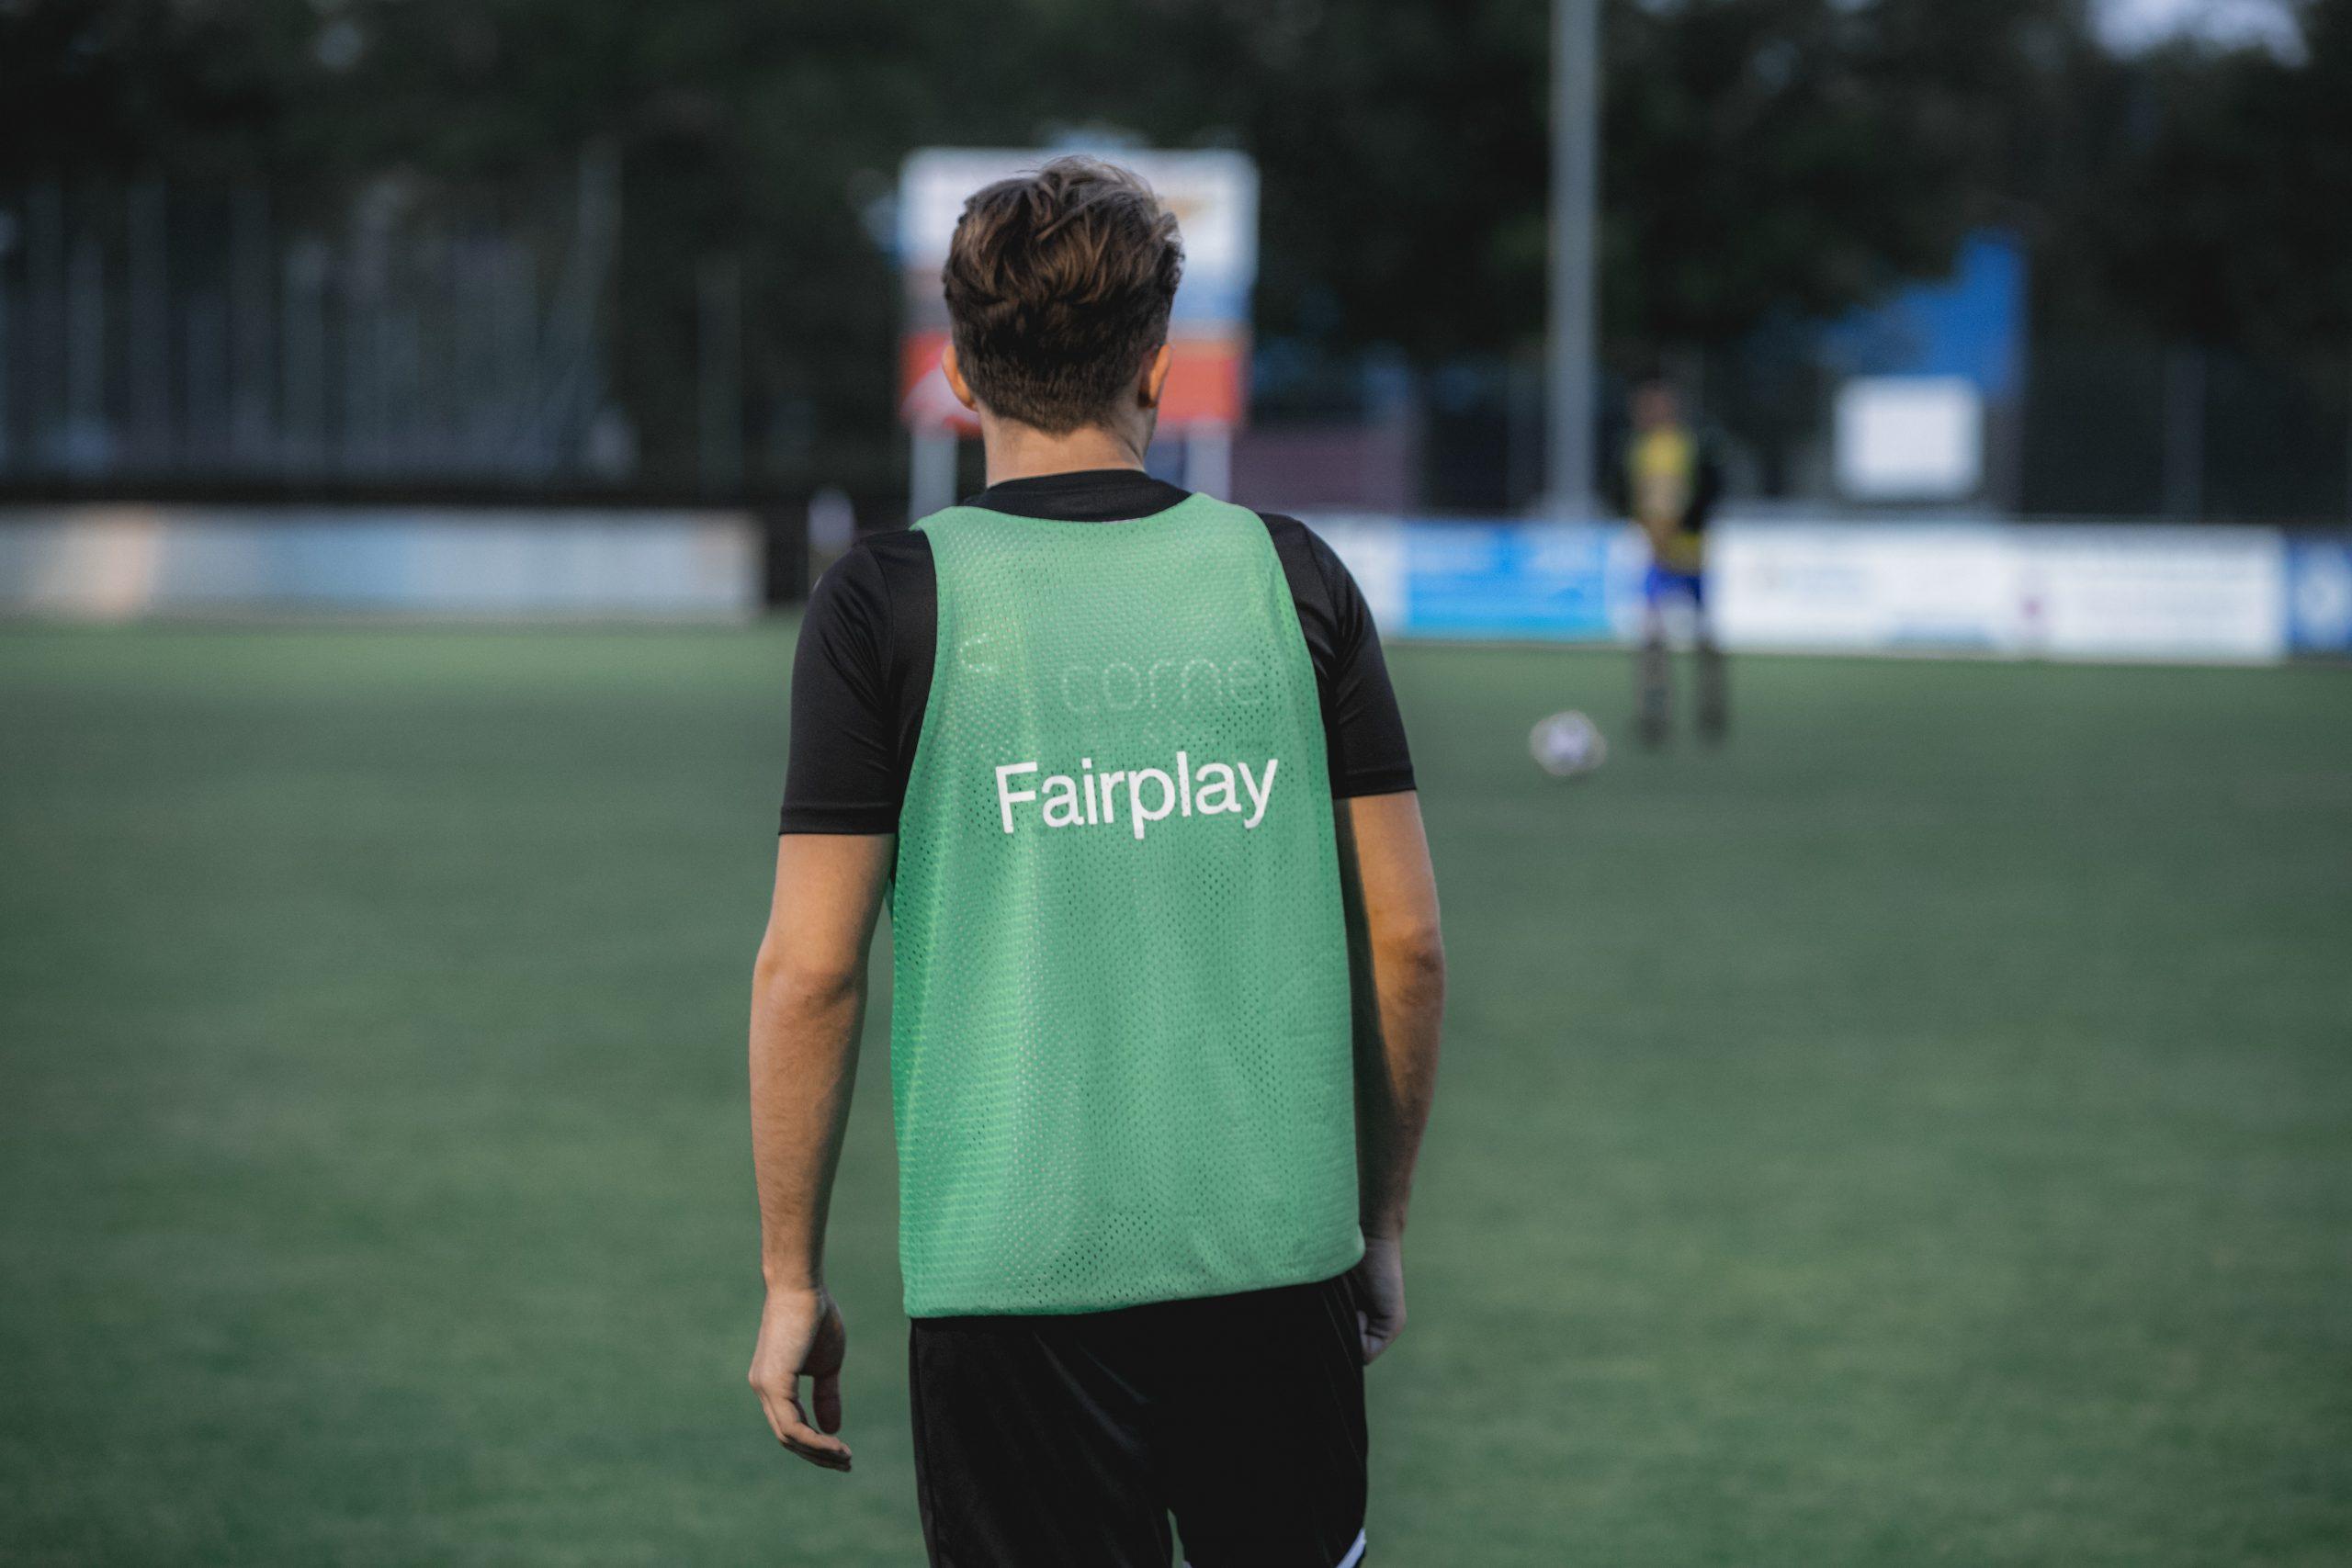 Originele voetbalshirts – de manier met oude en klassieke tenues